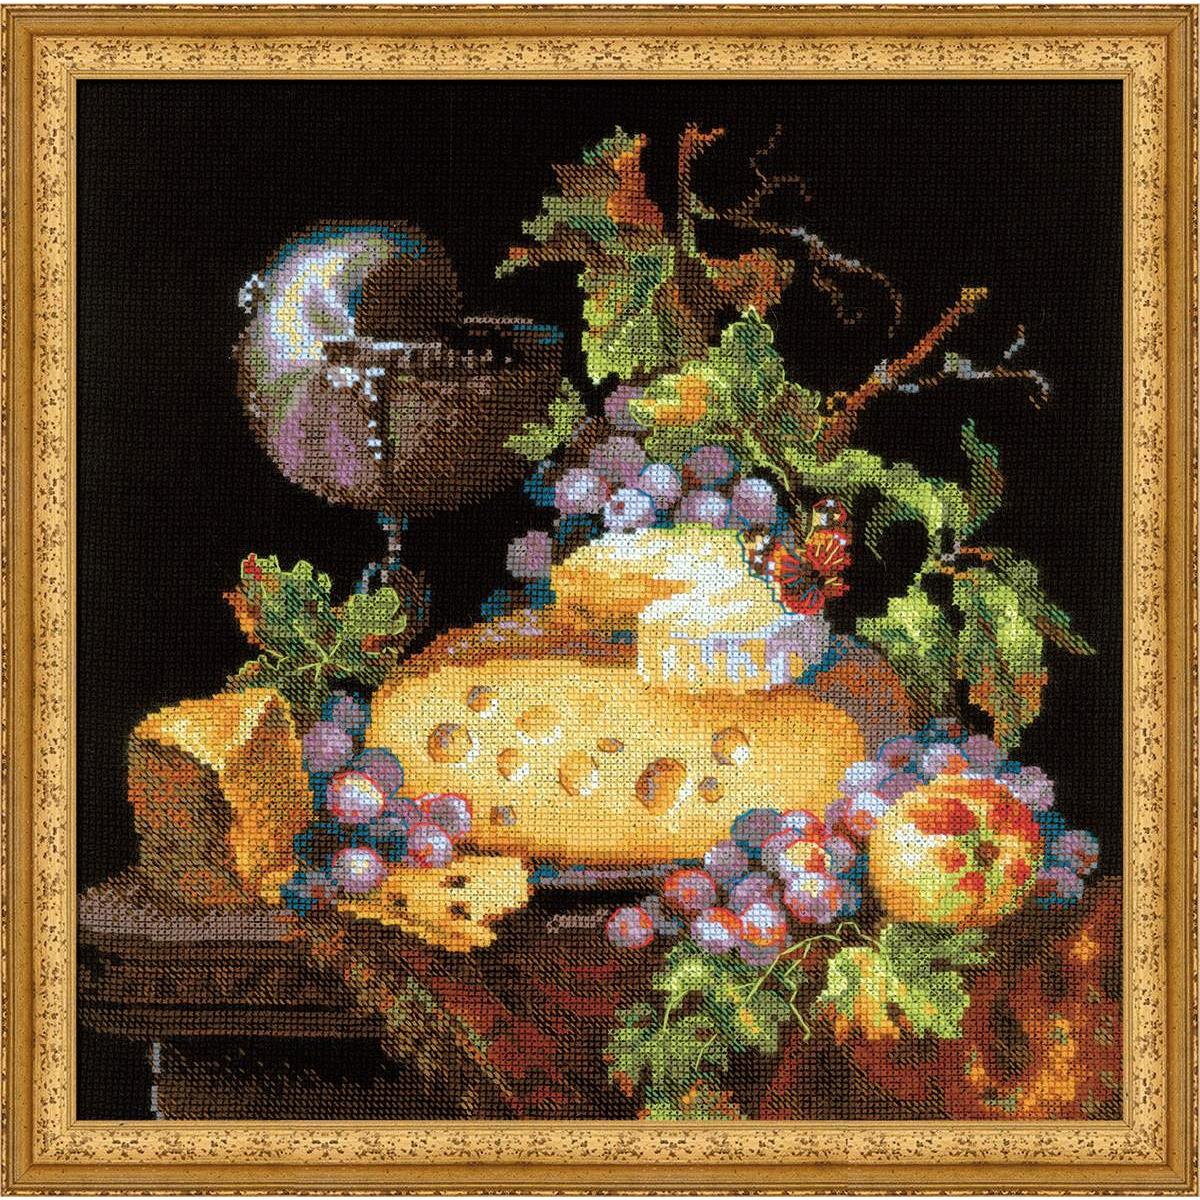 Набор для вышивания крестом Риолис Голландский натюрморт, 30 х 30 см набор для вышивания крестом riolis акварельные герберы 30 x 30 см 1485